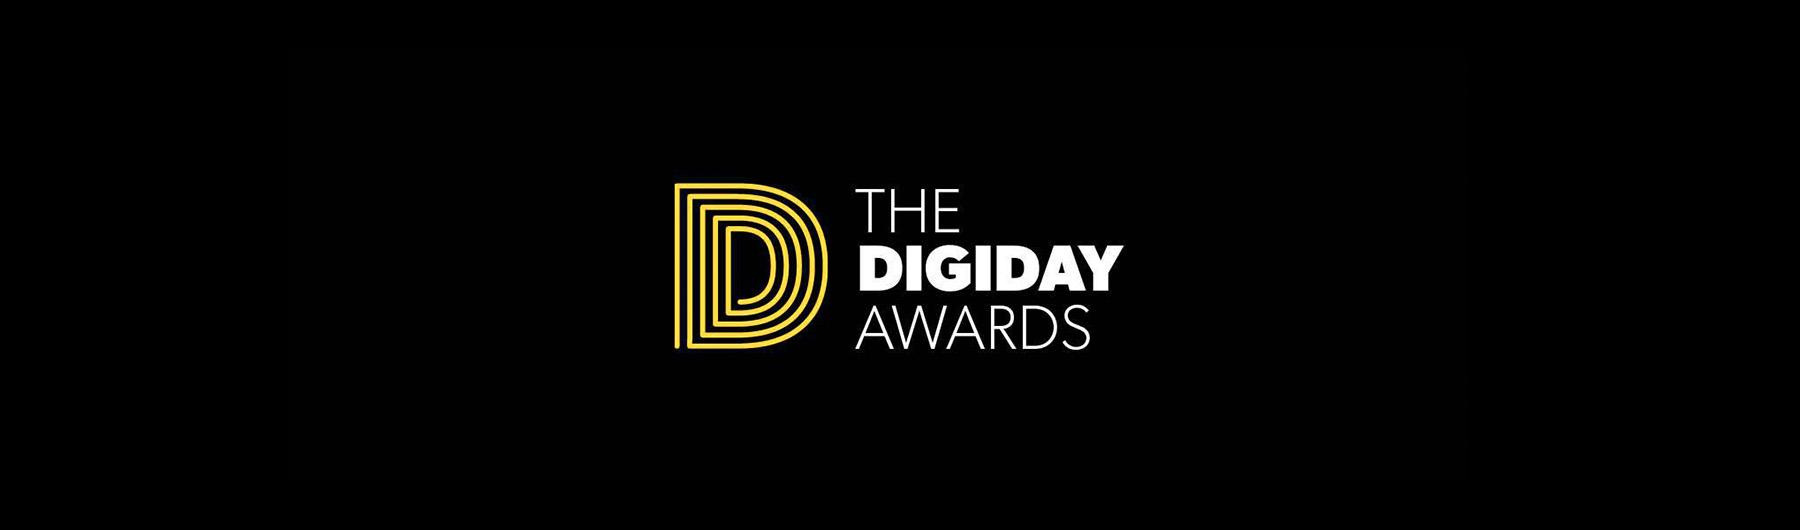 Digiday Awards Gala November 2017